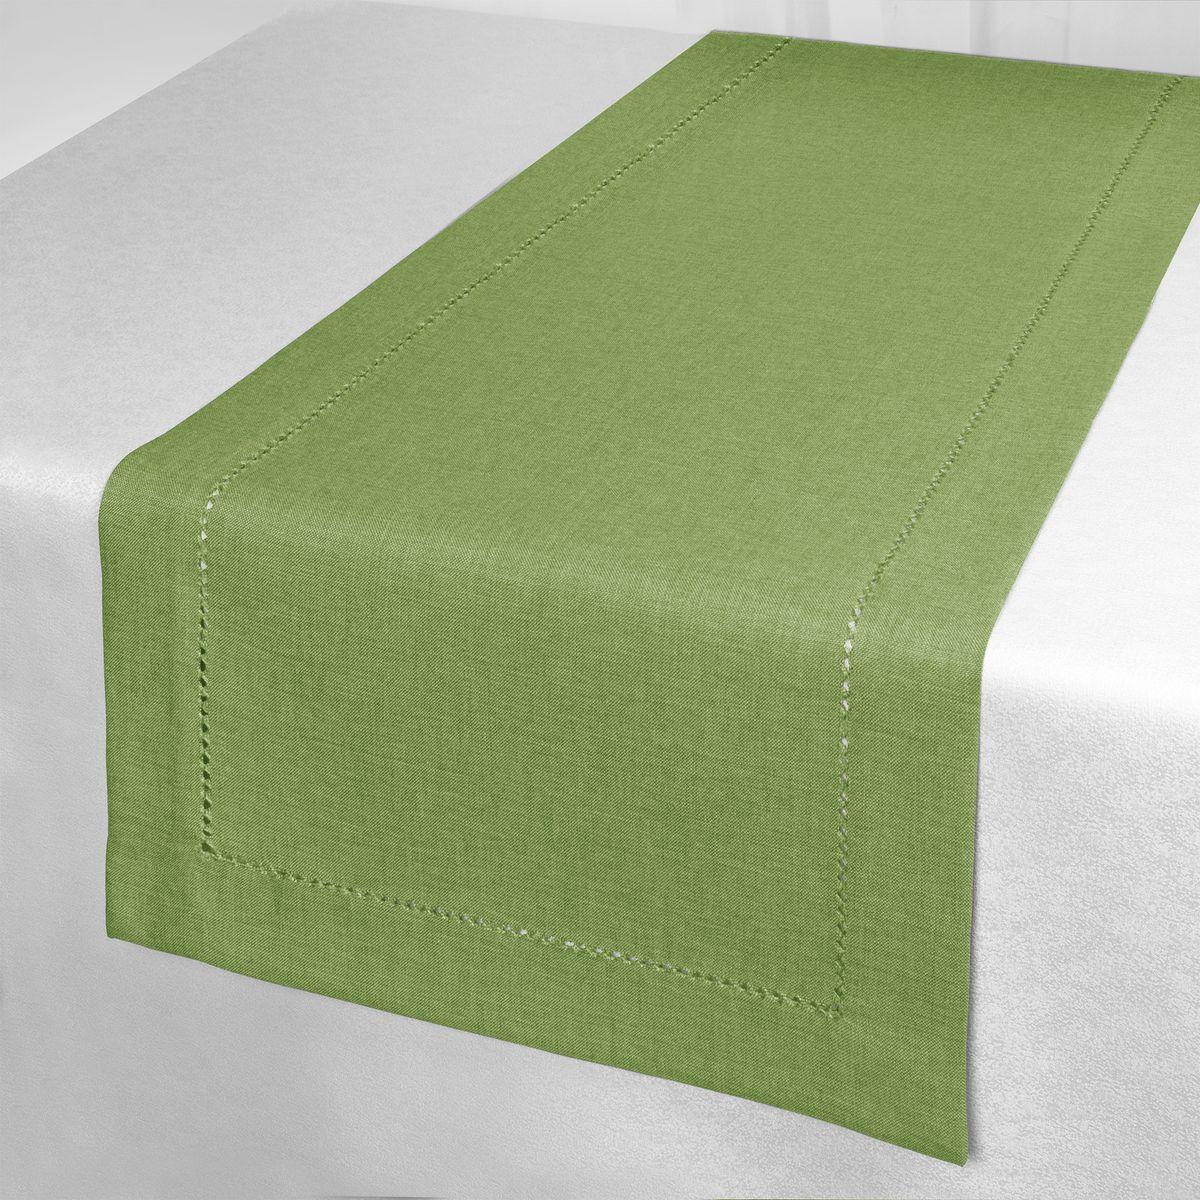 Дорожка для декорирования стола Schaefer, 40 x 140 см, цвет: зеленый. 07602-211 дорожка 900 1500мм